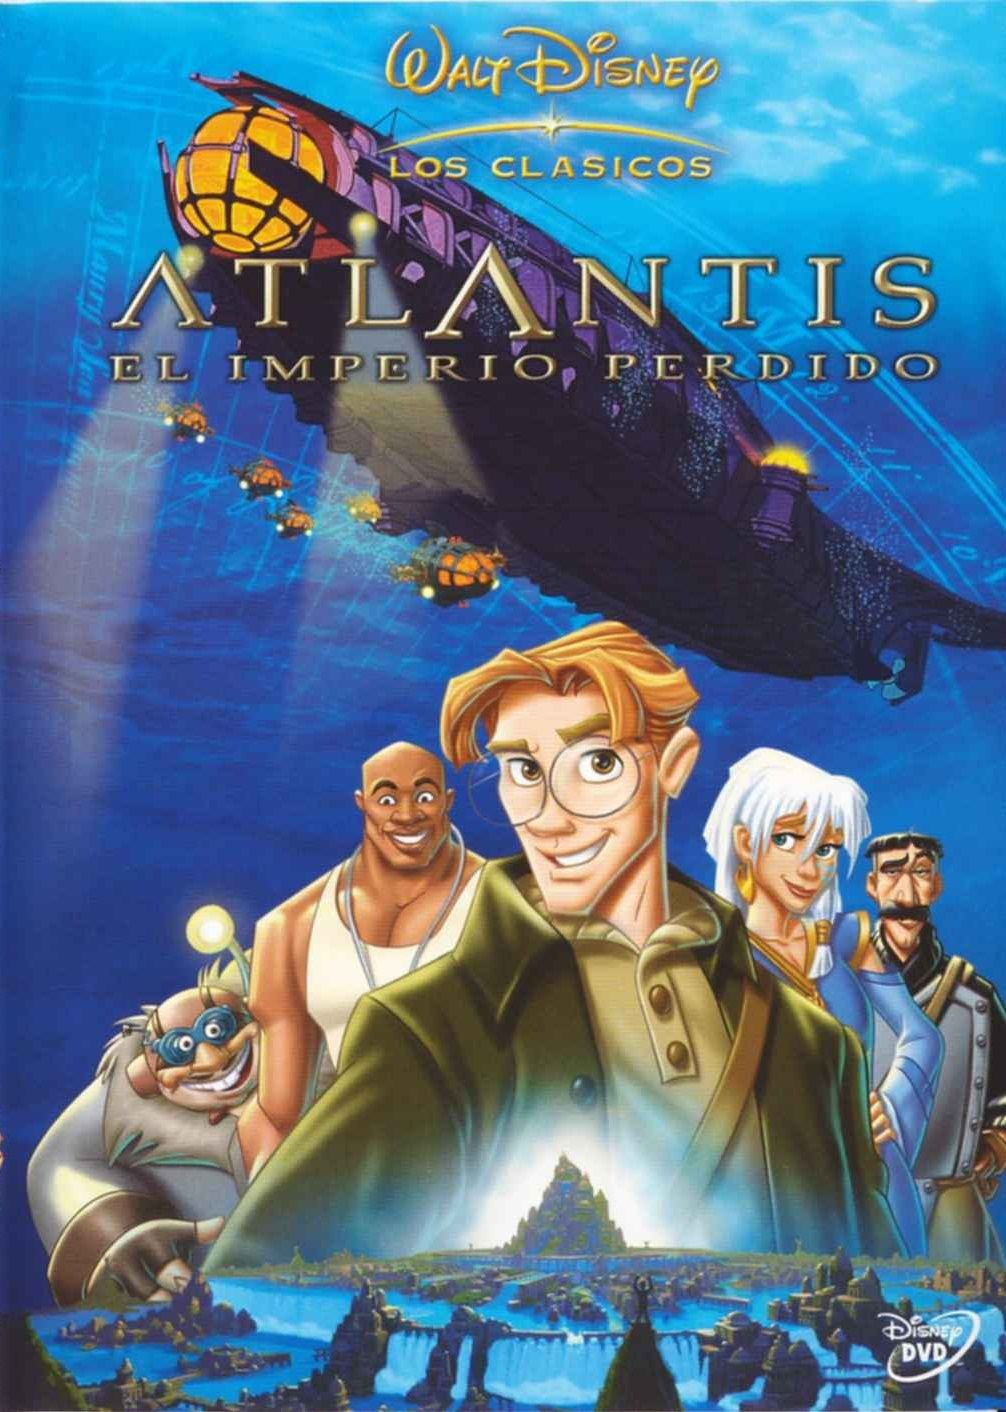 Atlantis El Imperio Perdido Buscar Con Google Peliculas Infantiles De Disney Peliculas De Disney Peliculas Animadas Disney